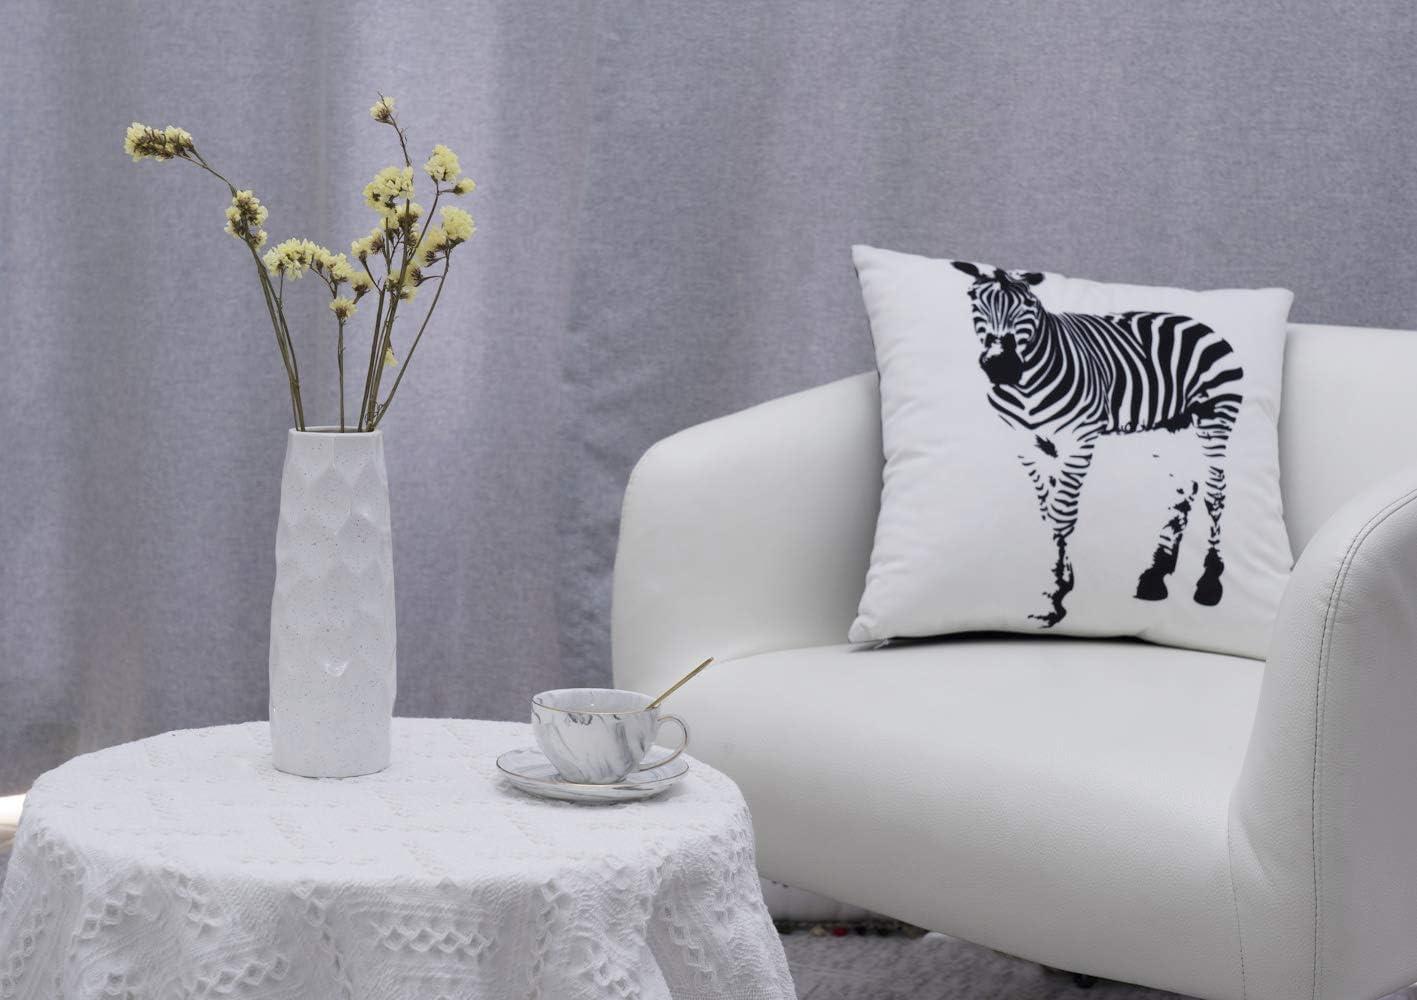 maison cuisine table d/écoration de f/ête de mariage Dr.Cerart Vase de fleurs en c/éramique pour salon blanc g/éom/étrique bureau